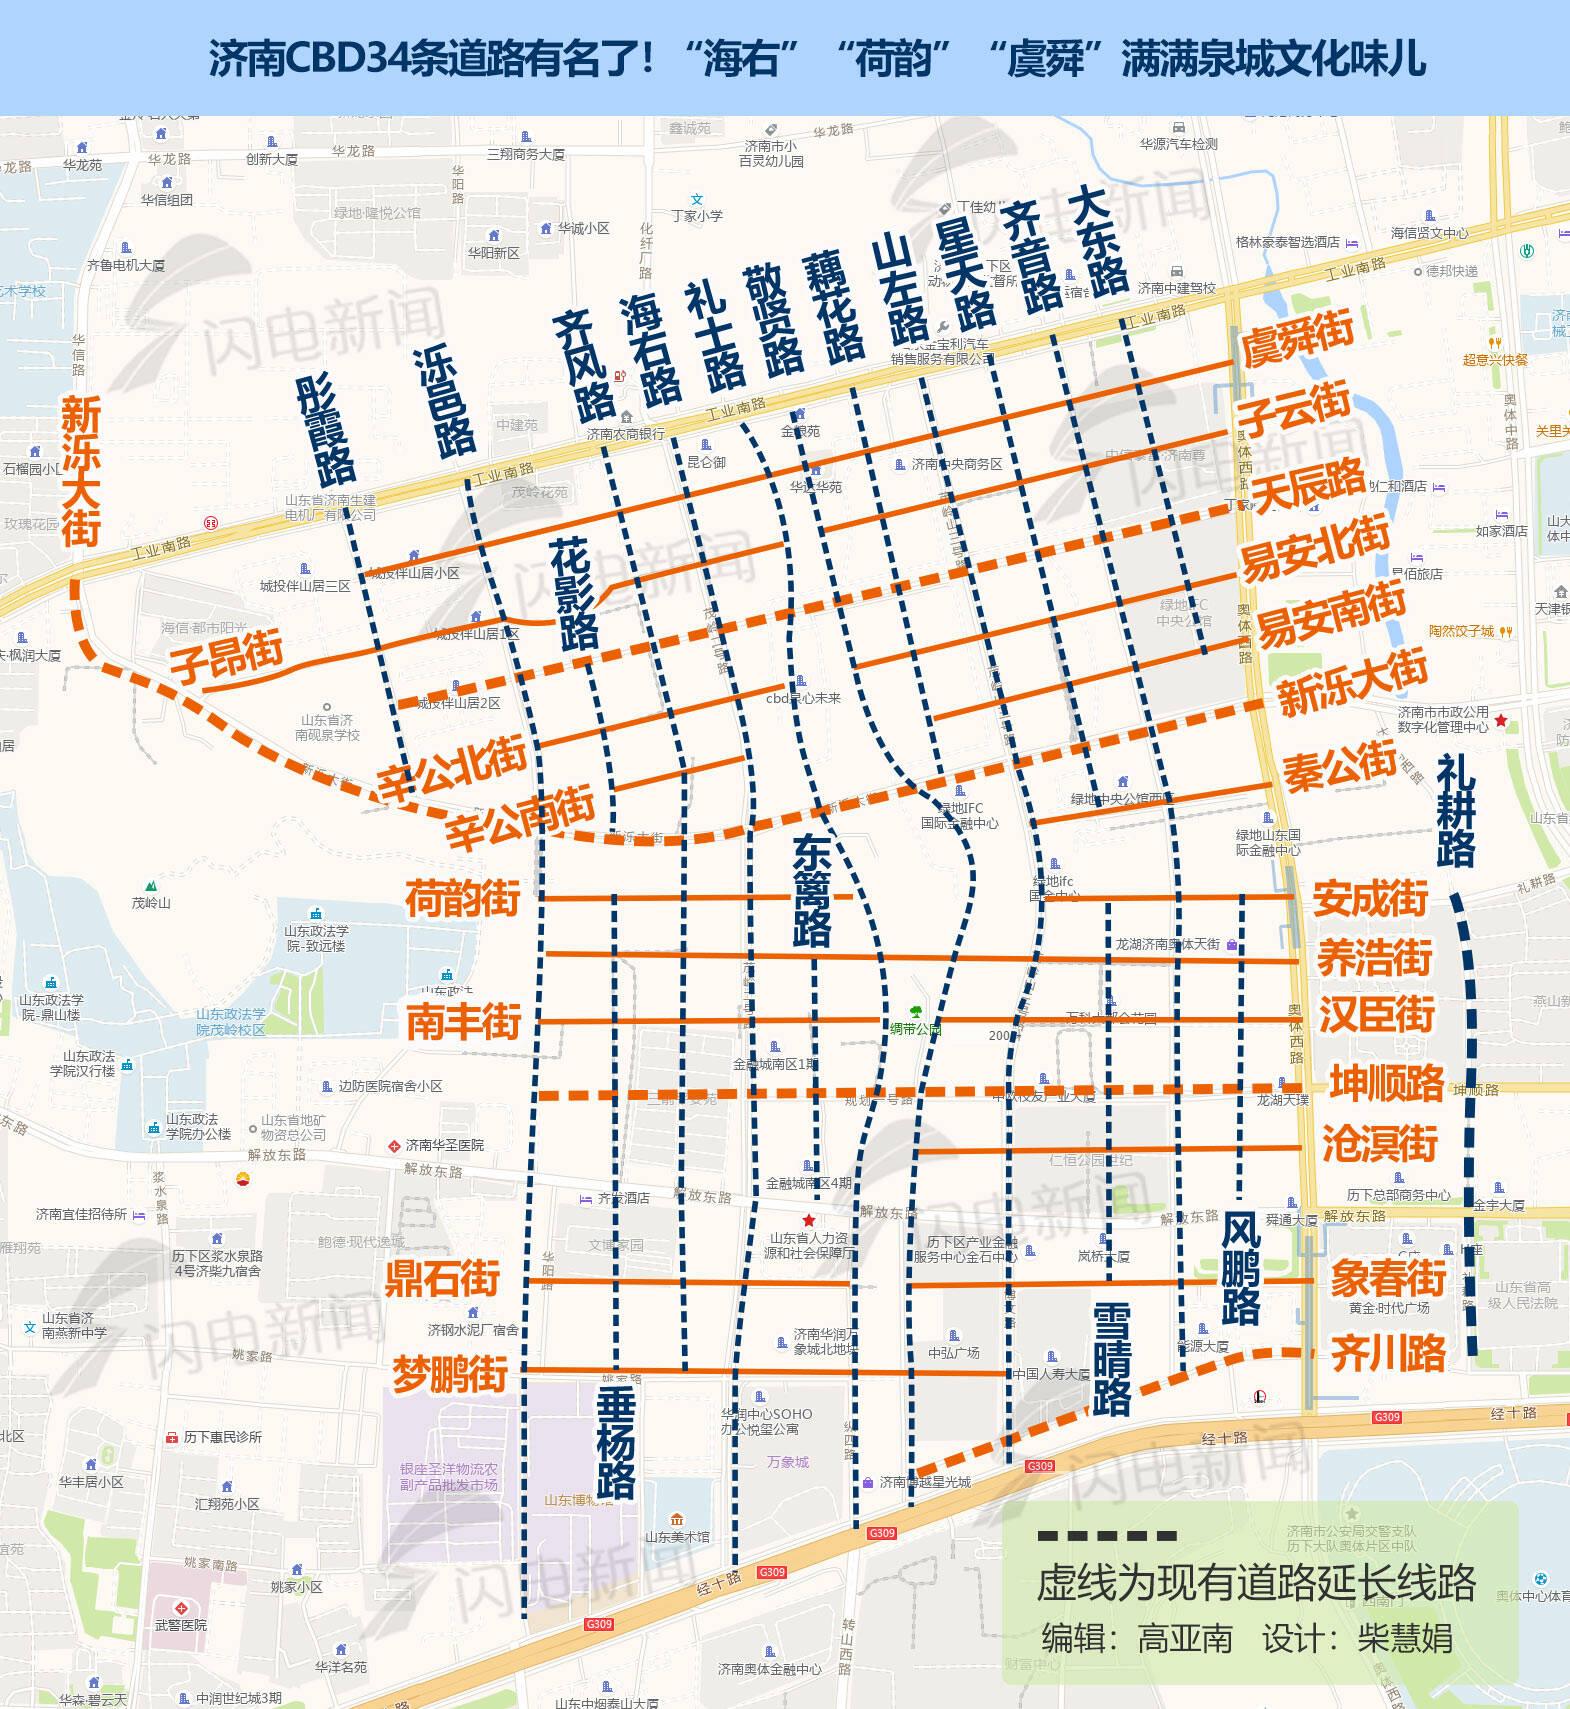 """""""海右""""""""荷韵""""……济南中央商务区34条道路名字公示!你还满意吗?(附详细线路图)"""